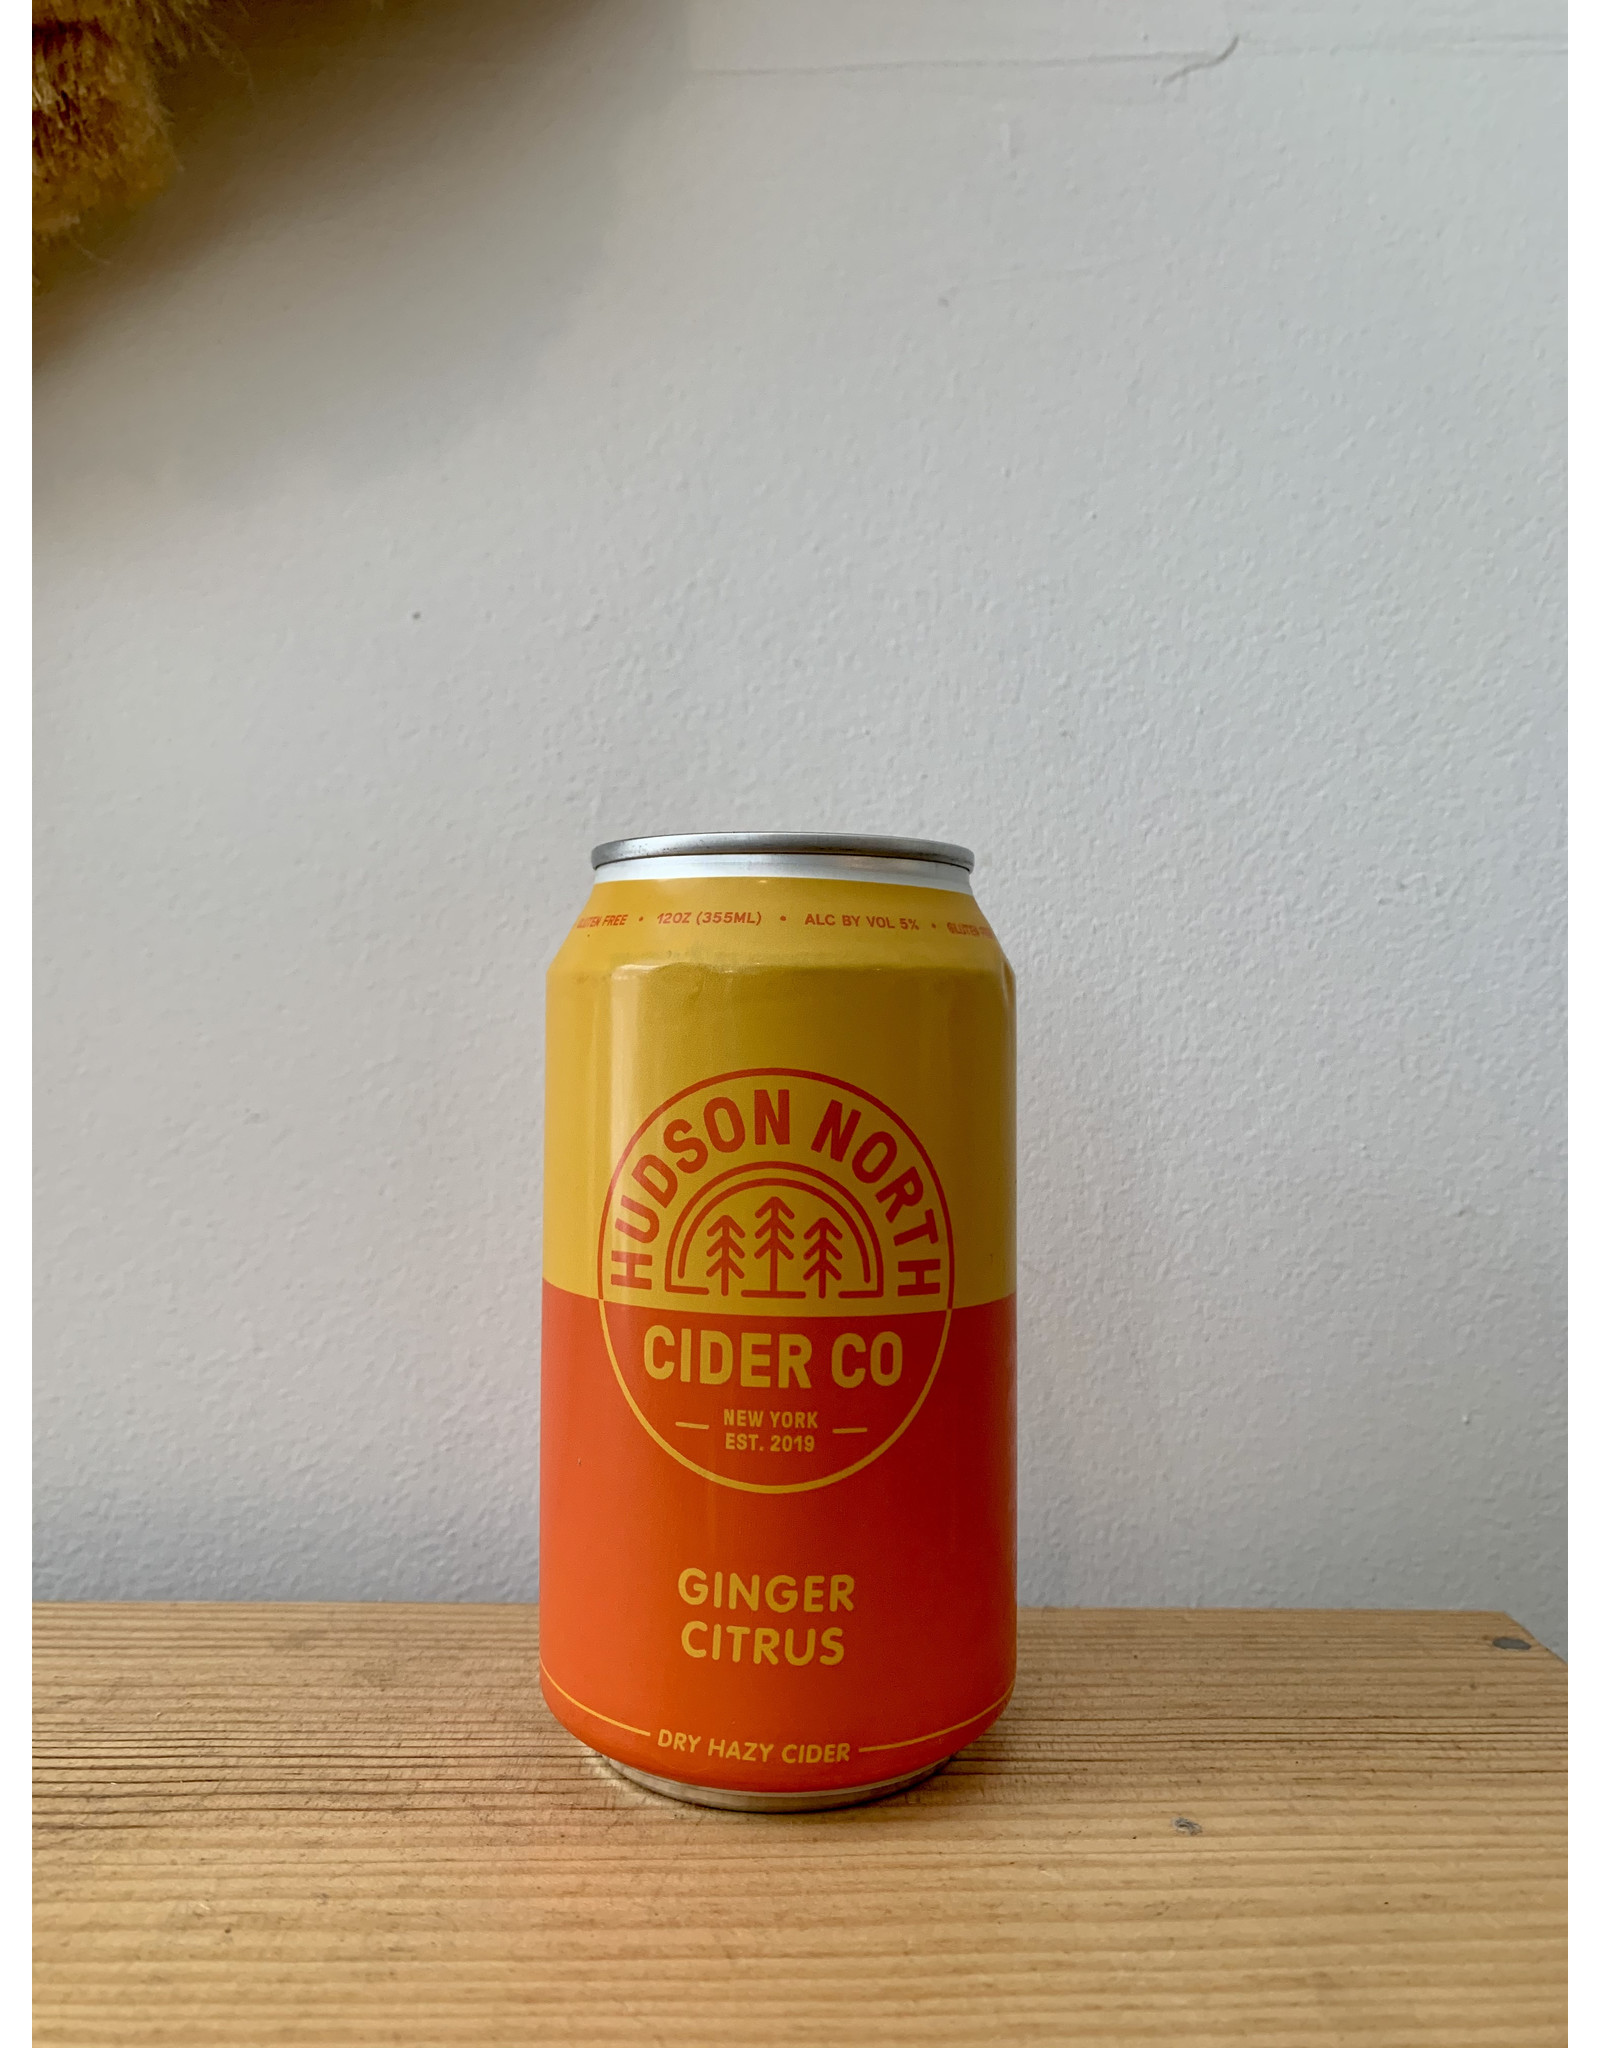 Hudson North Ginger Citrus Cider Can